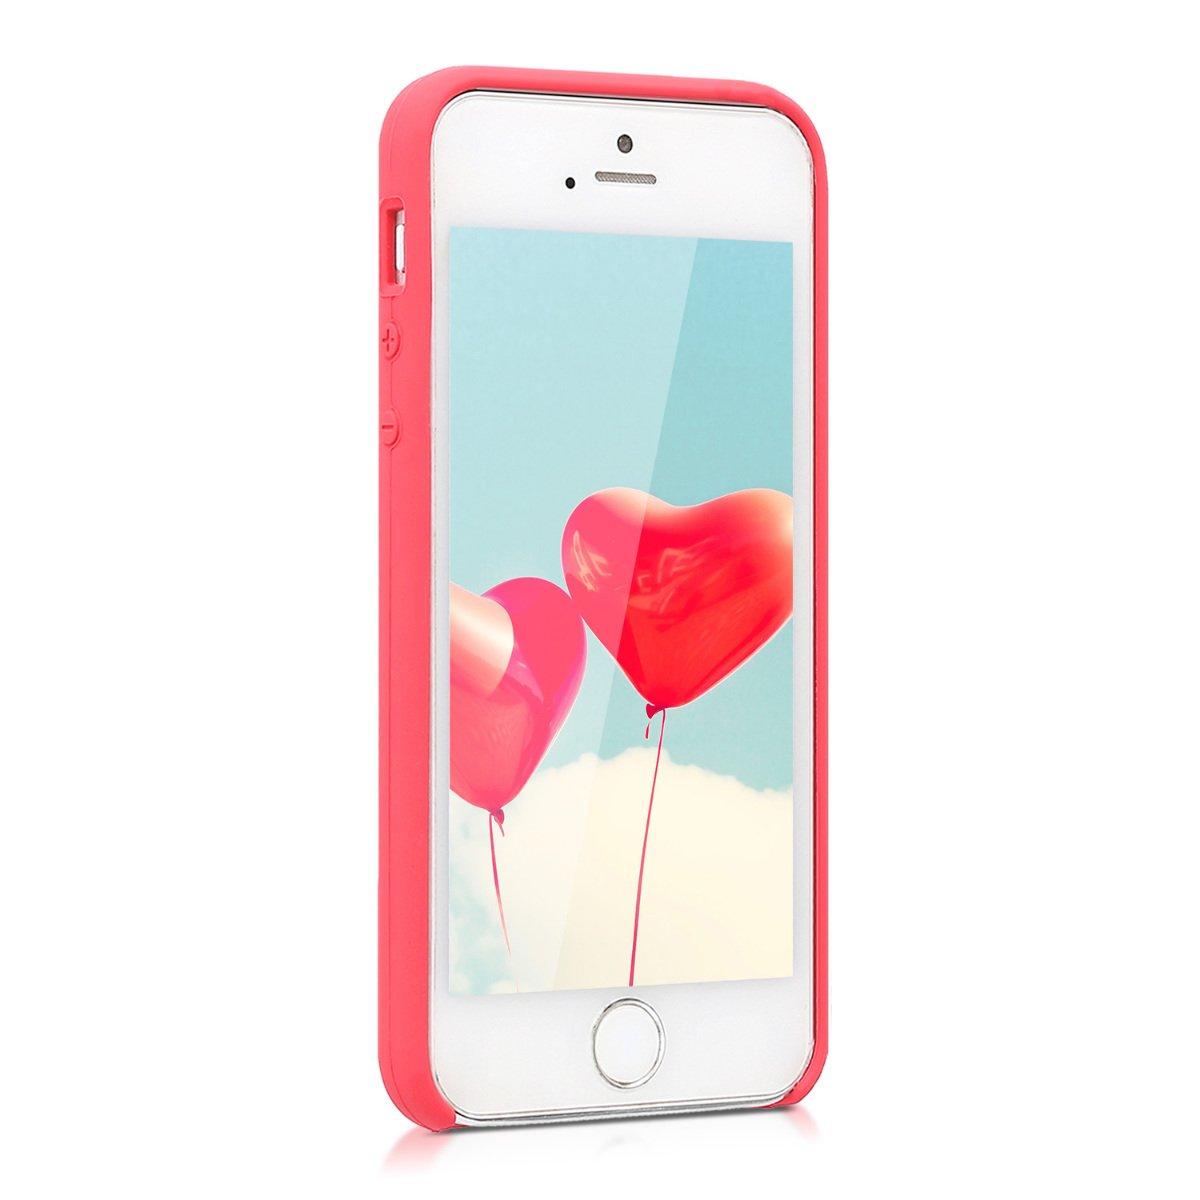 kwmobile Coque Apple iPhone Se 5S Housse de t/él/éphone en Silicone Bleu Marine 5S Coque pour Apple iPhone Se 5 5